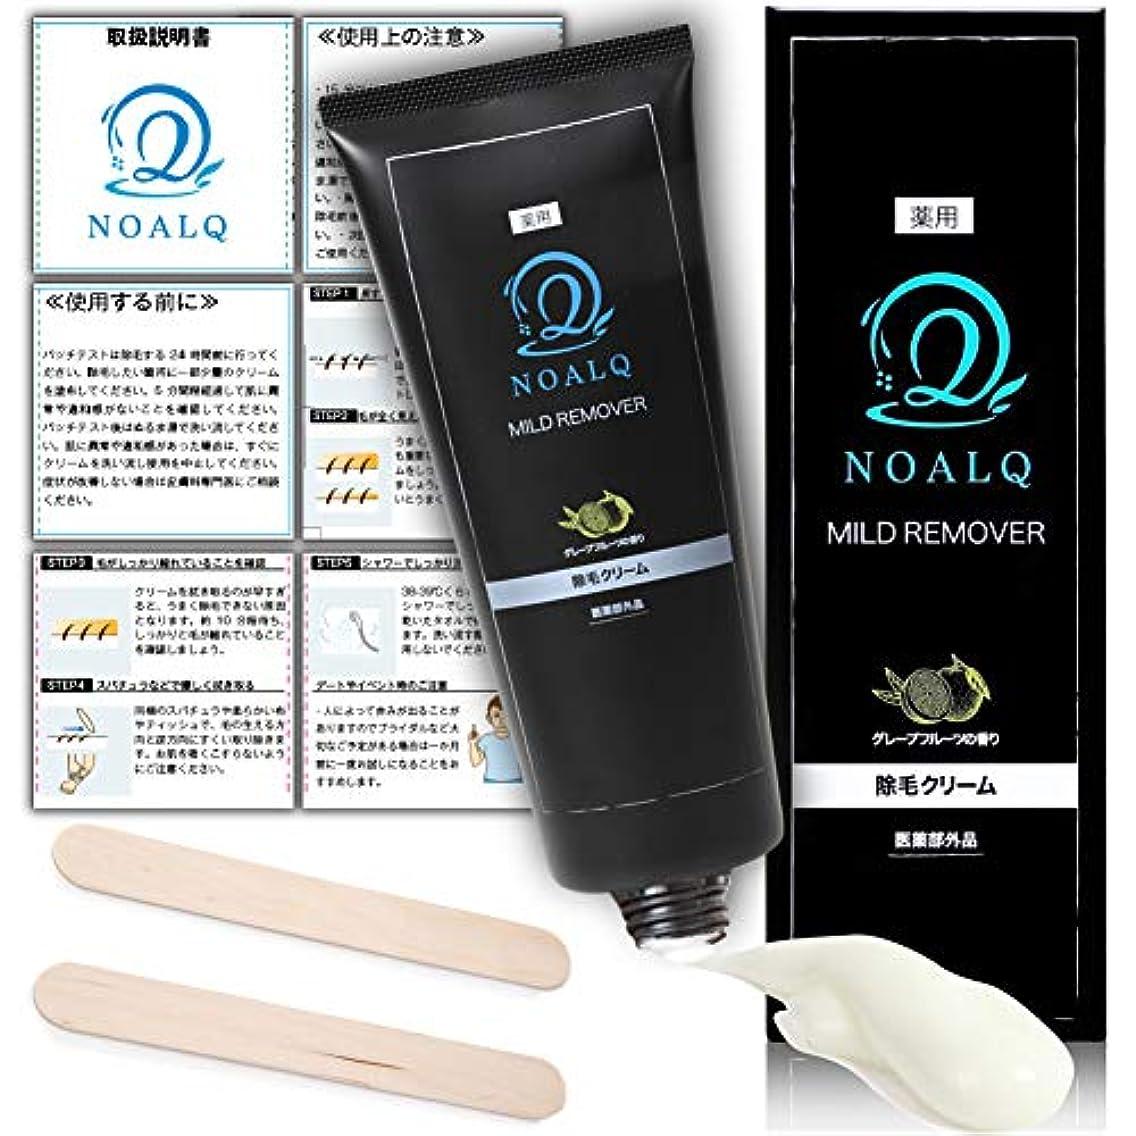 残り物選ぶセンブランスNOALQ(ノアルク) 除毛クリーム 薬用リムーバークリーム 超大容量220g メンズ [陰部/VIO/アンダーヘア/ボディ用] 日本製 グレープフルーツフレーバータイプ